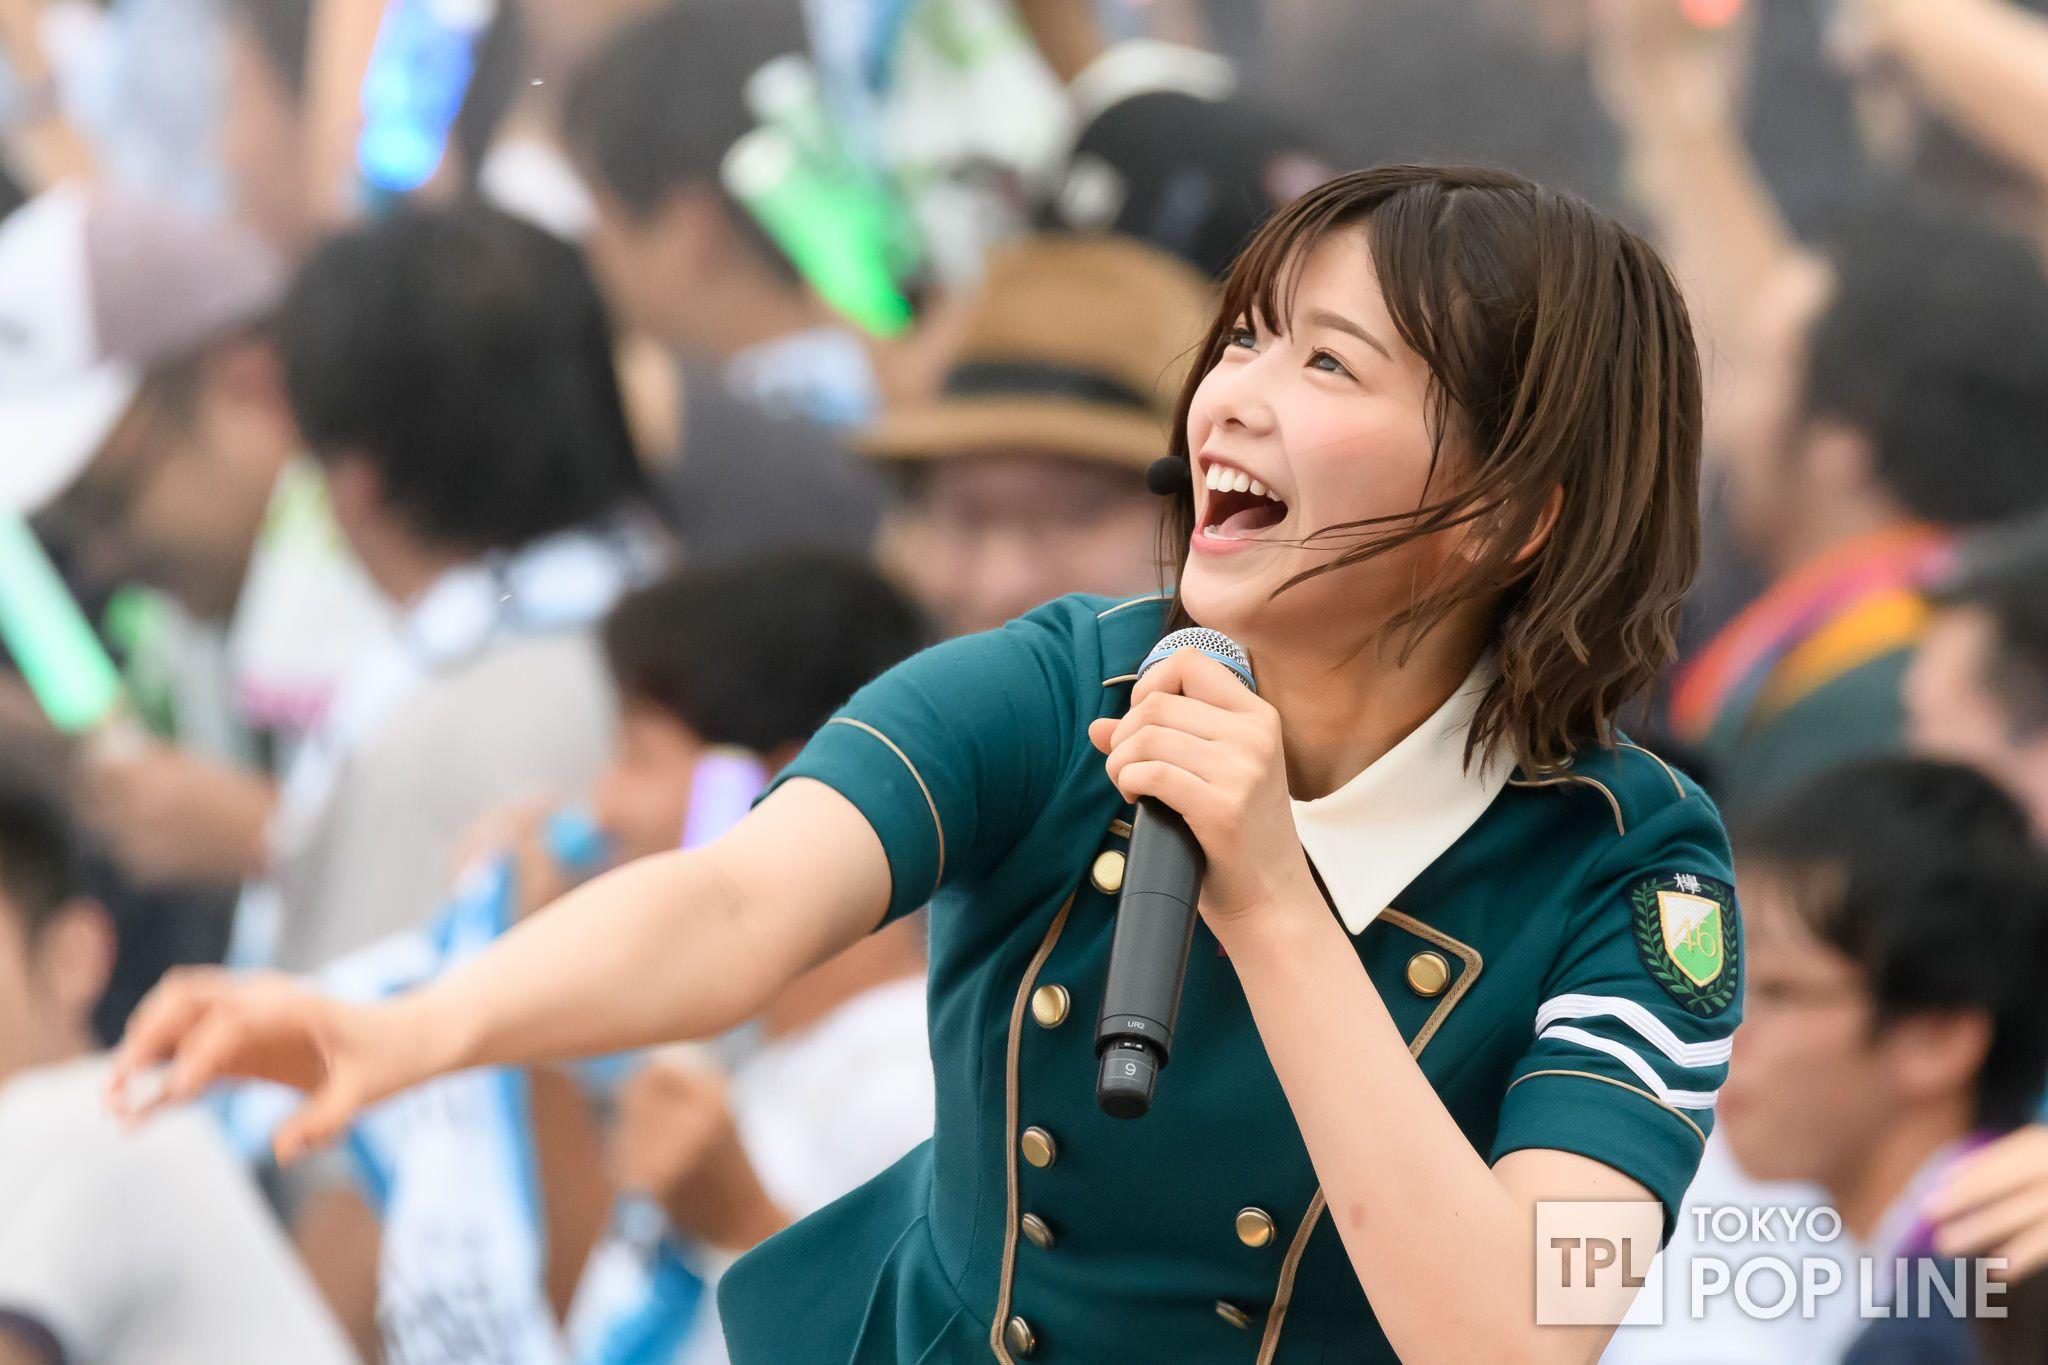 欅坂46が富士急ハイランドで初の野外ワンマン 「危なっかしい